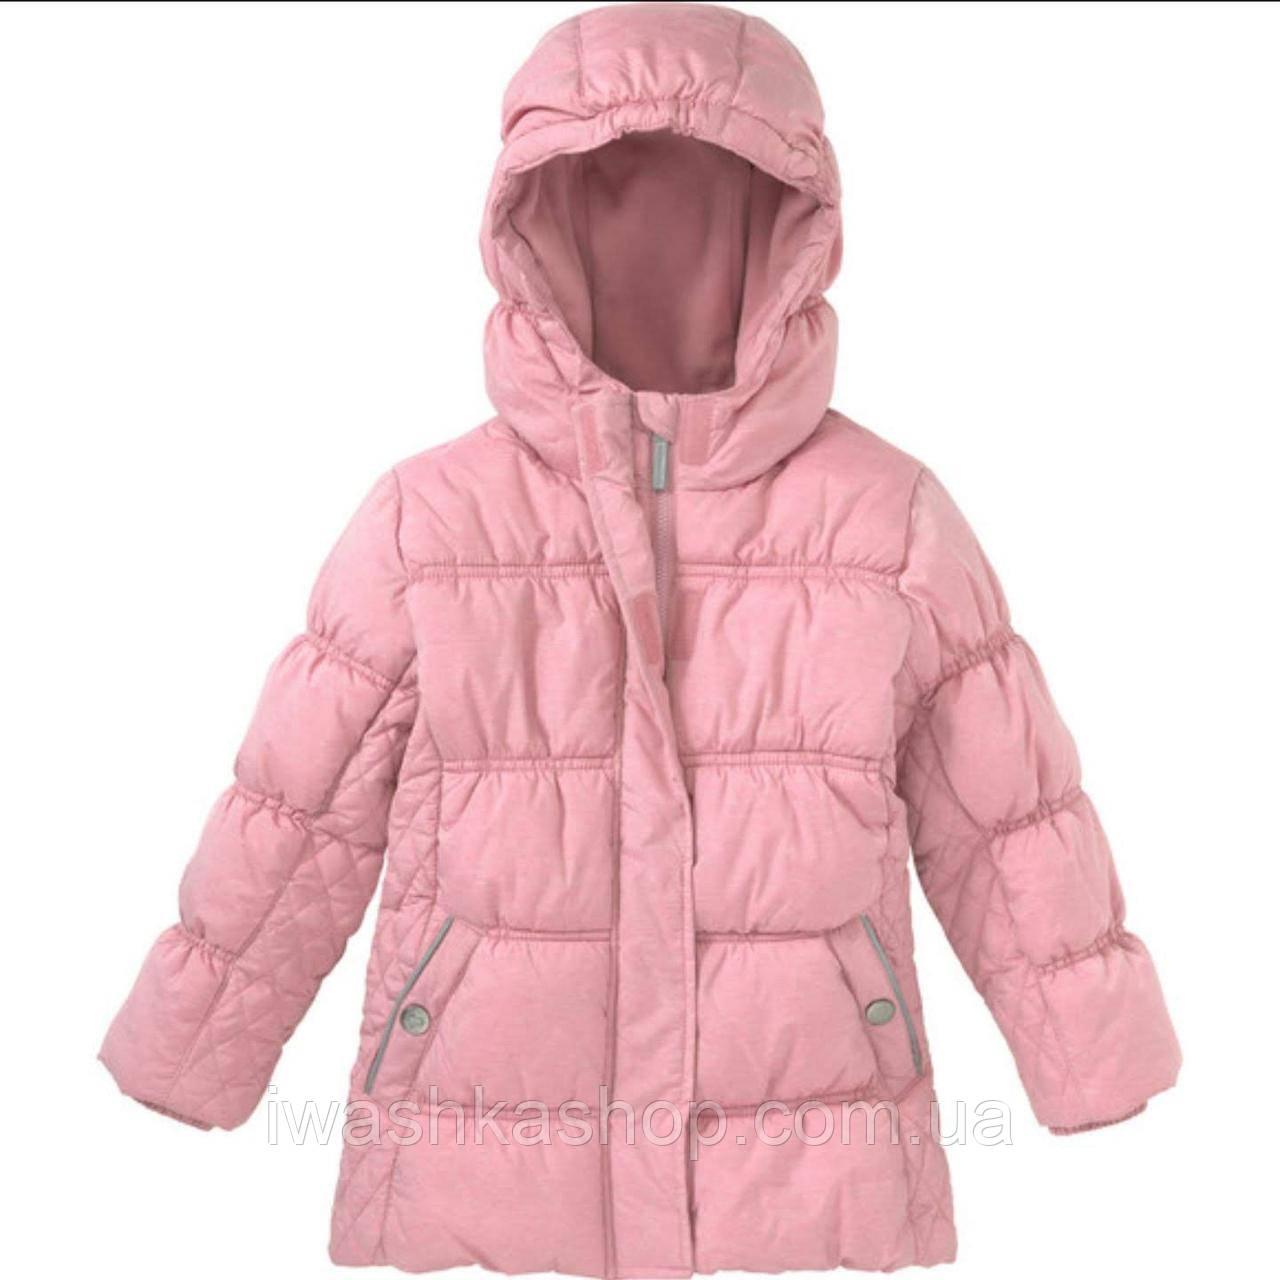 Демисезонная куртка на девочек 4 - 5 лет, р. 110, Topolino